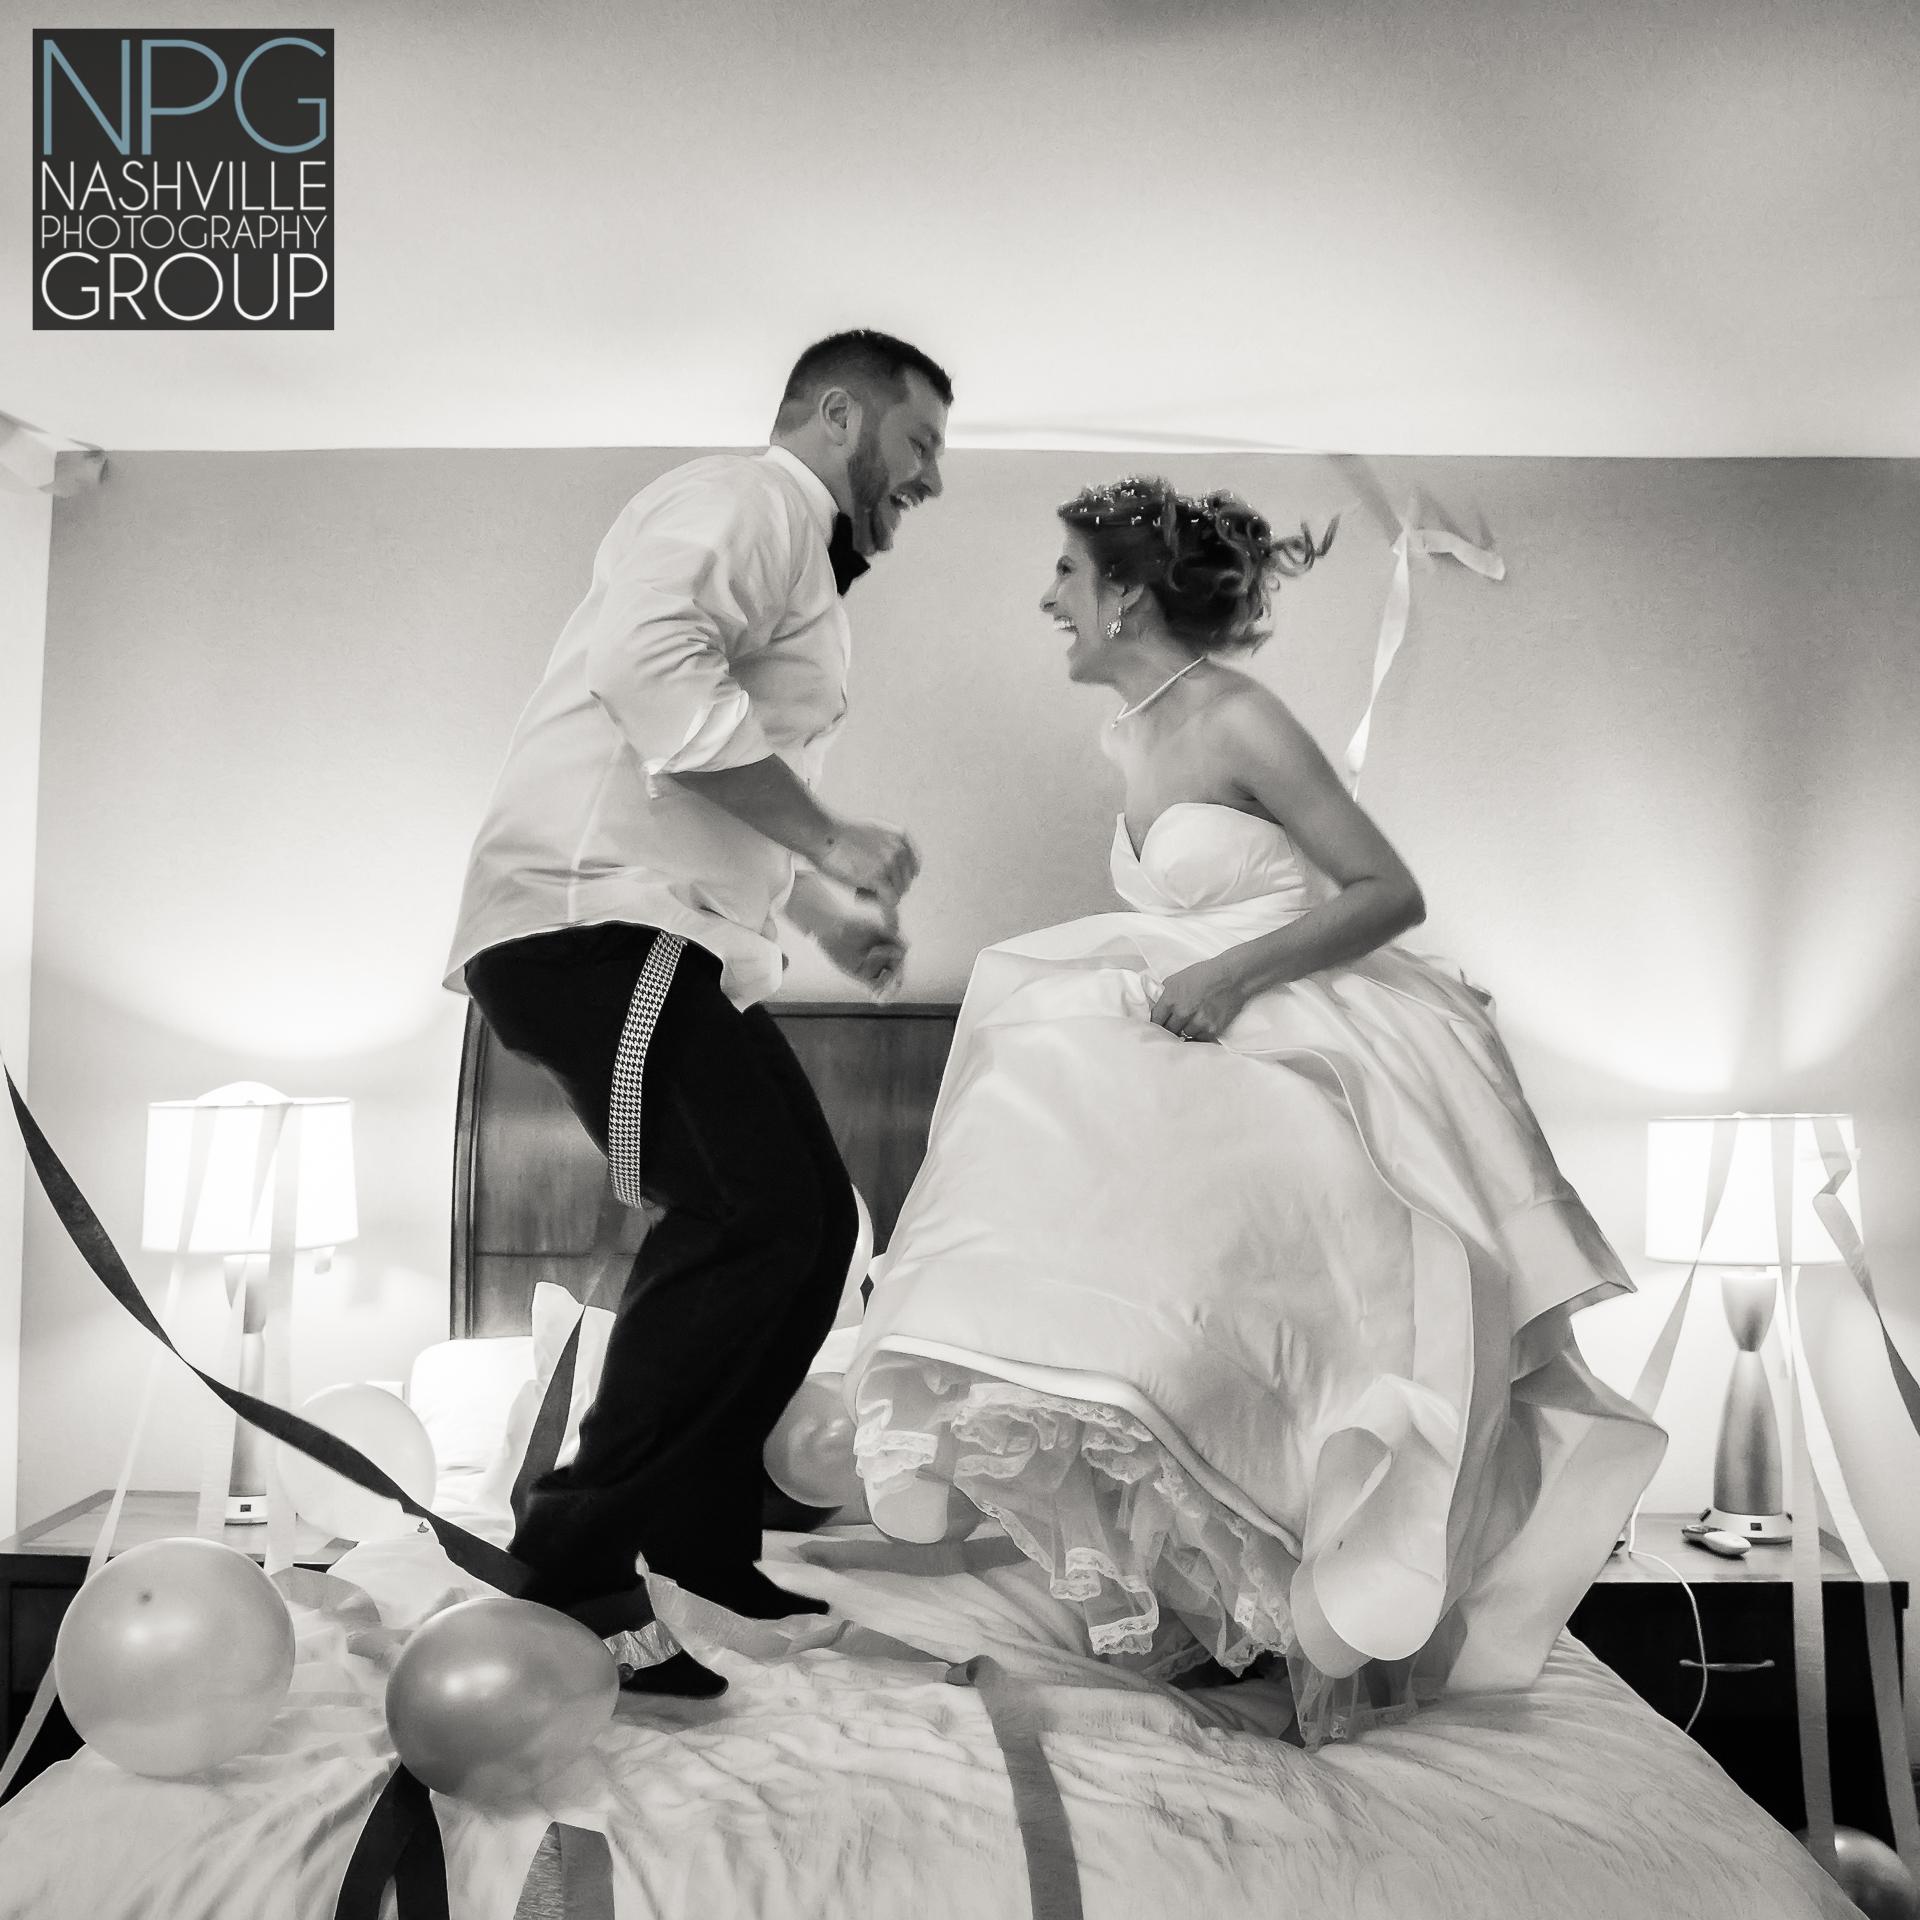 Nashville Photography Group wedding photographers-6.jpg